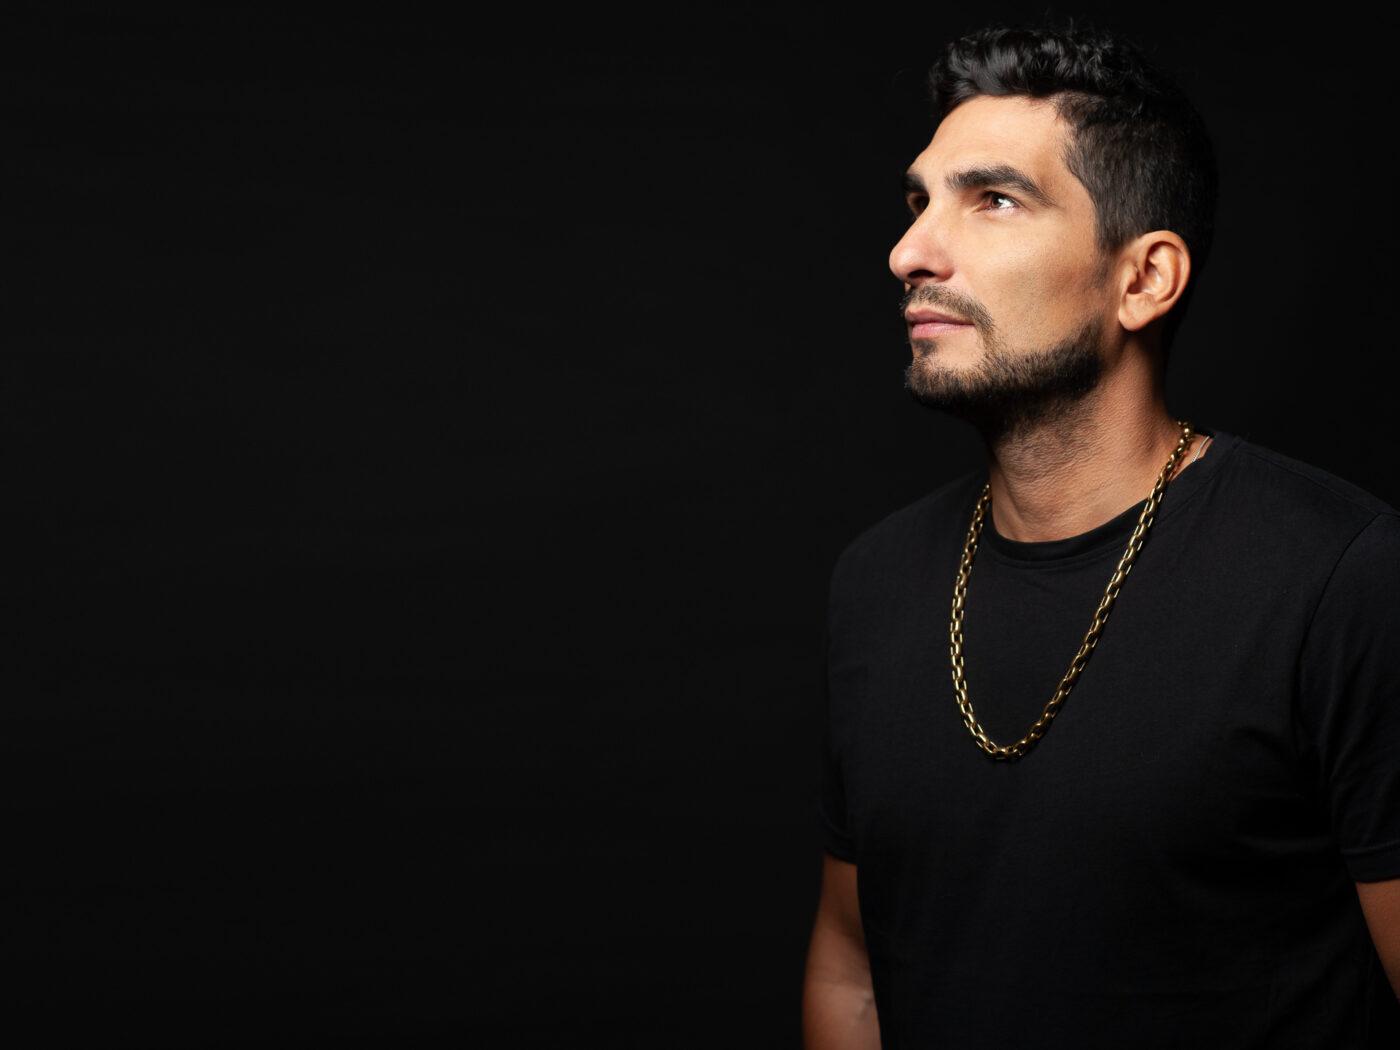 Quem é Leandro da Silva Brasileiro radicado na Itália que conquistou o top 10 do Top Producers do 1001Tracklists